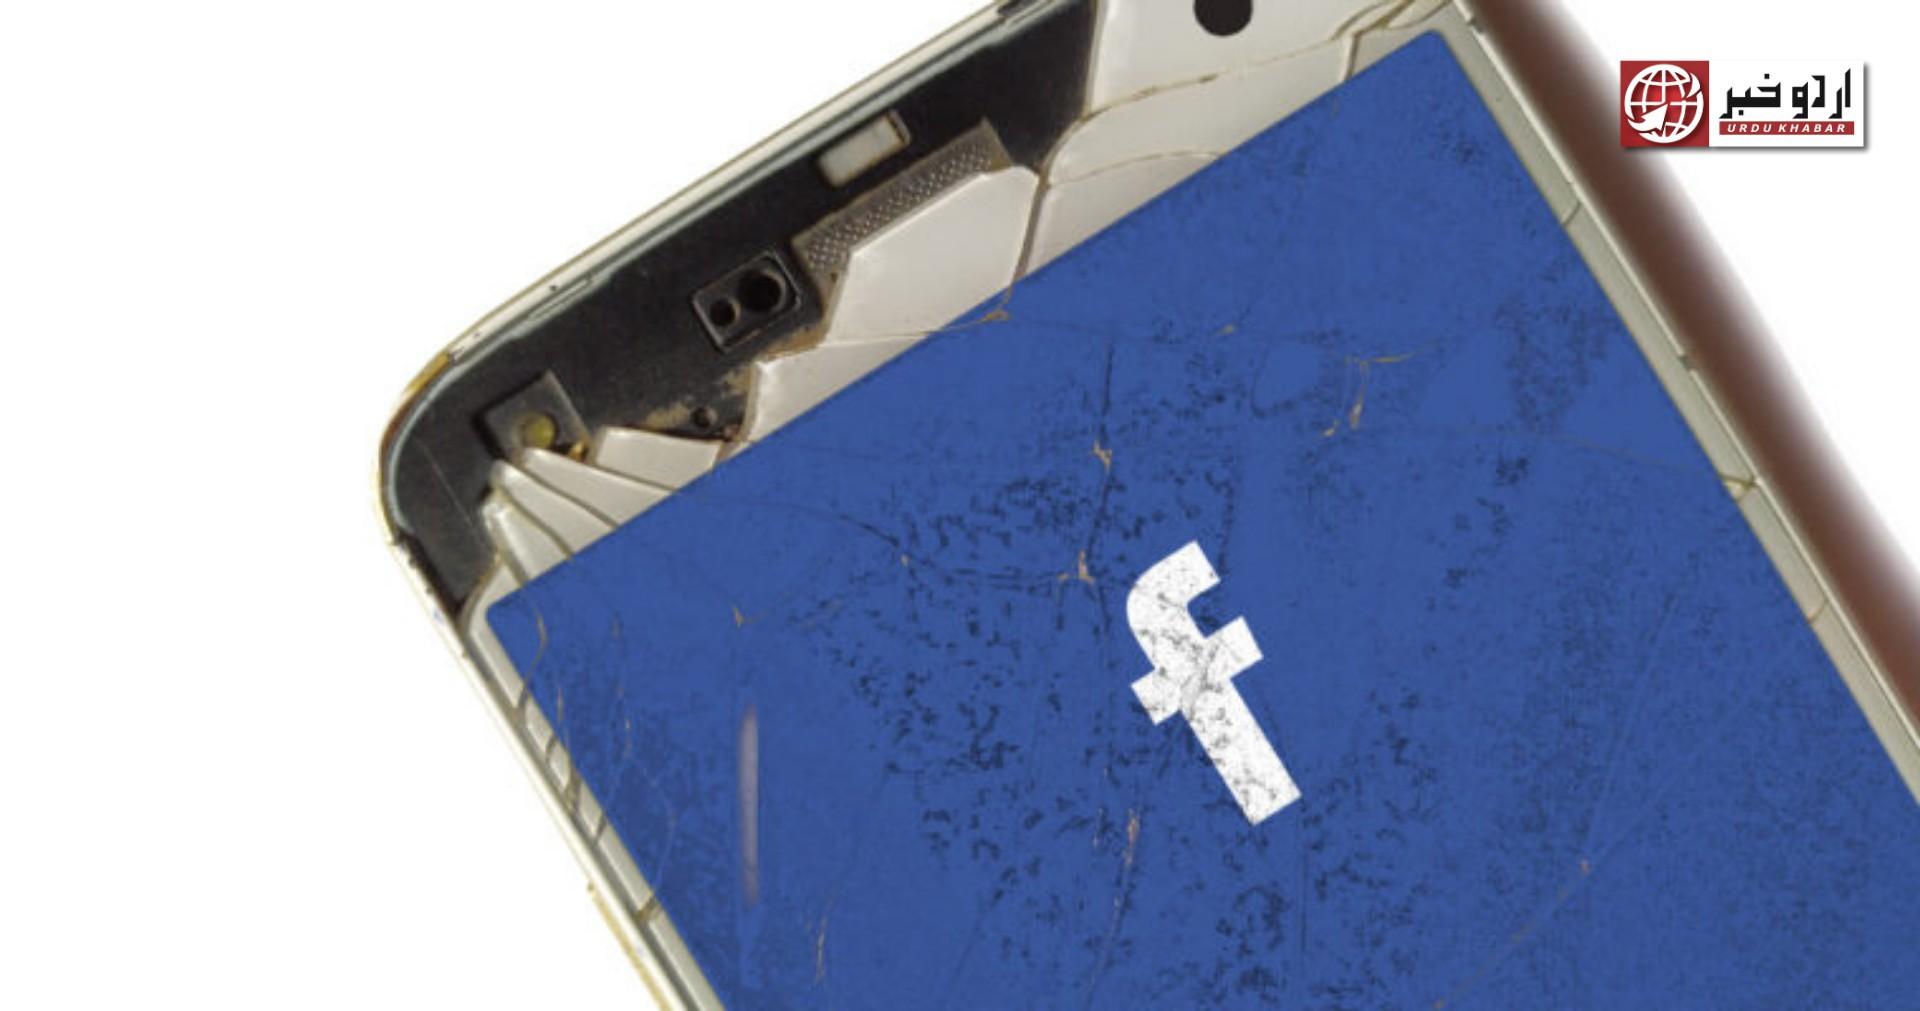 متعدد کمپنیوں کا فیس بک پر اشتہار نا دینے کا فیصلہ